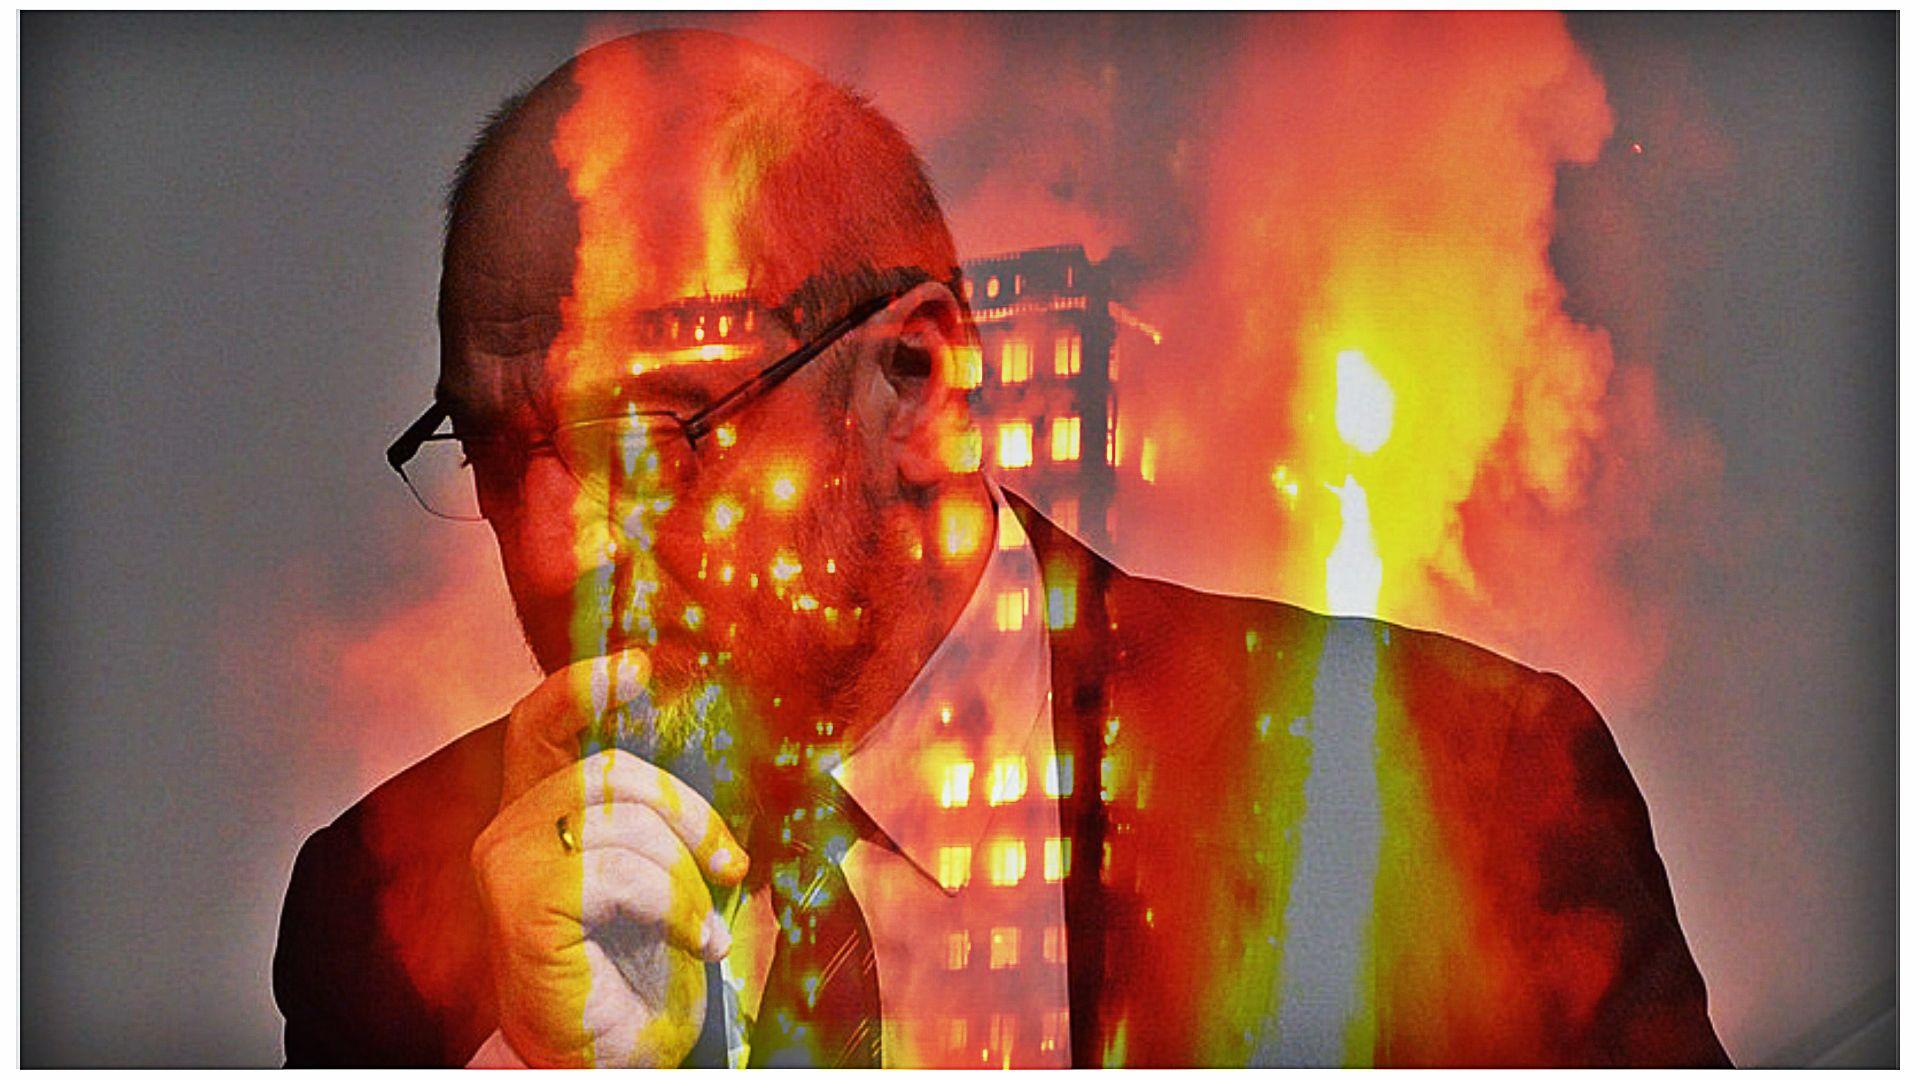 PRAWO UNIJNE winne pożarowi Greenfell Tower!